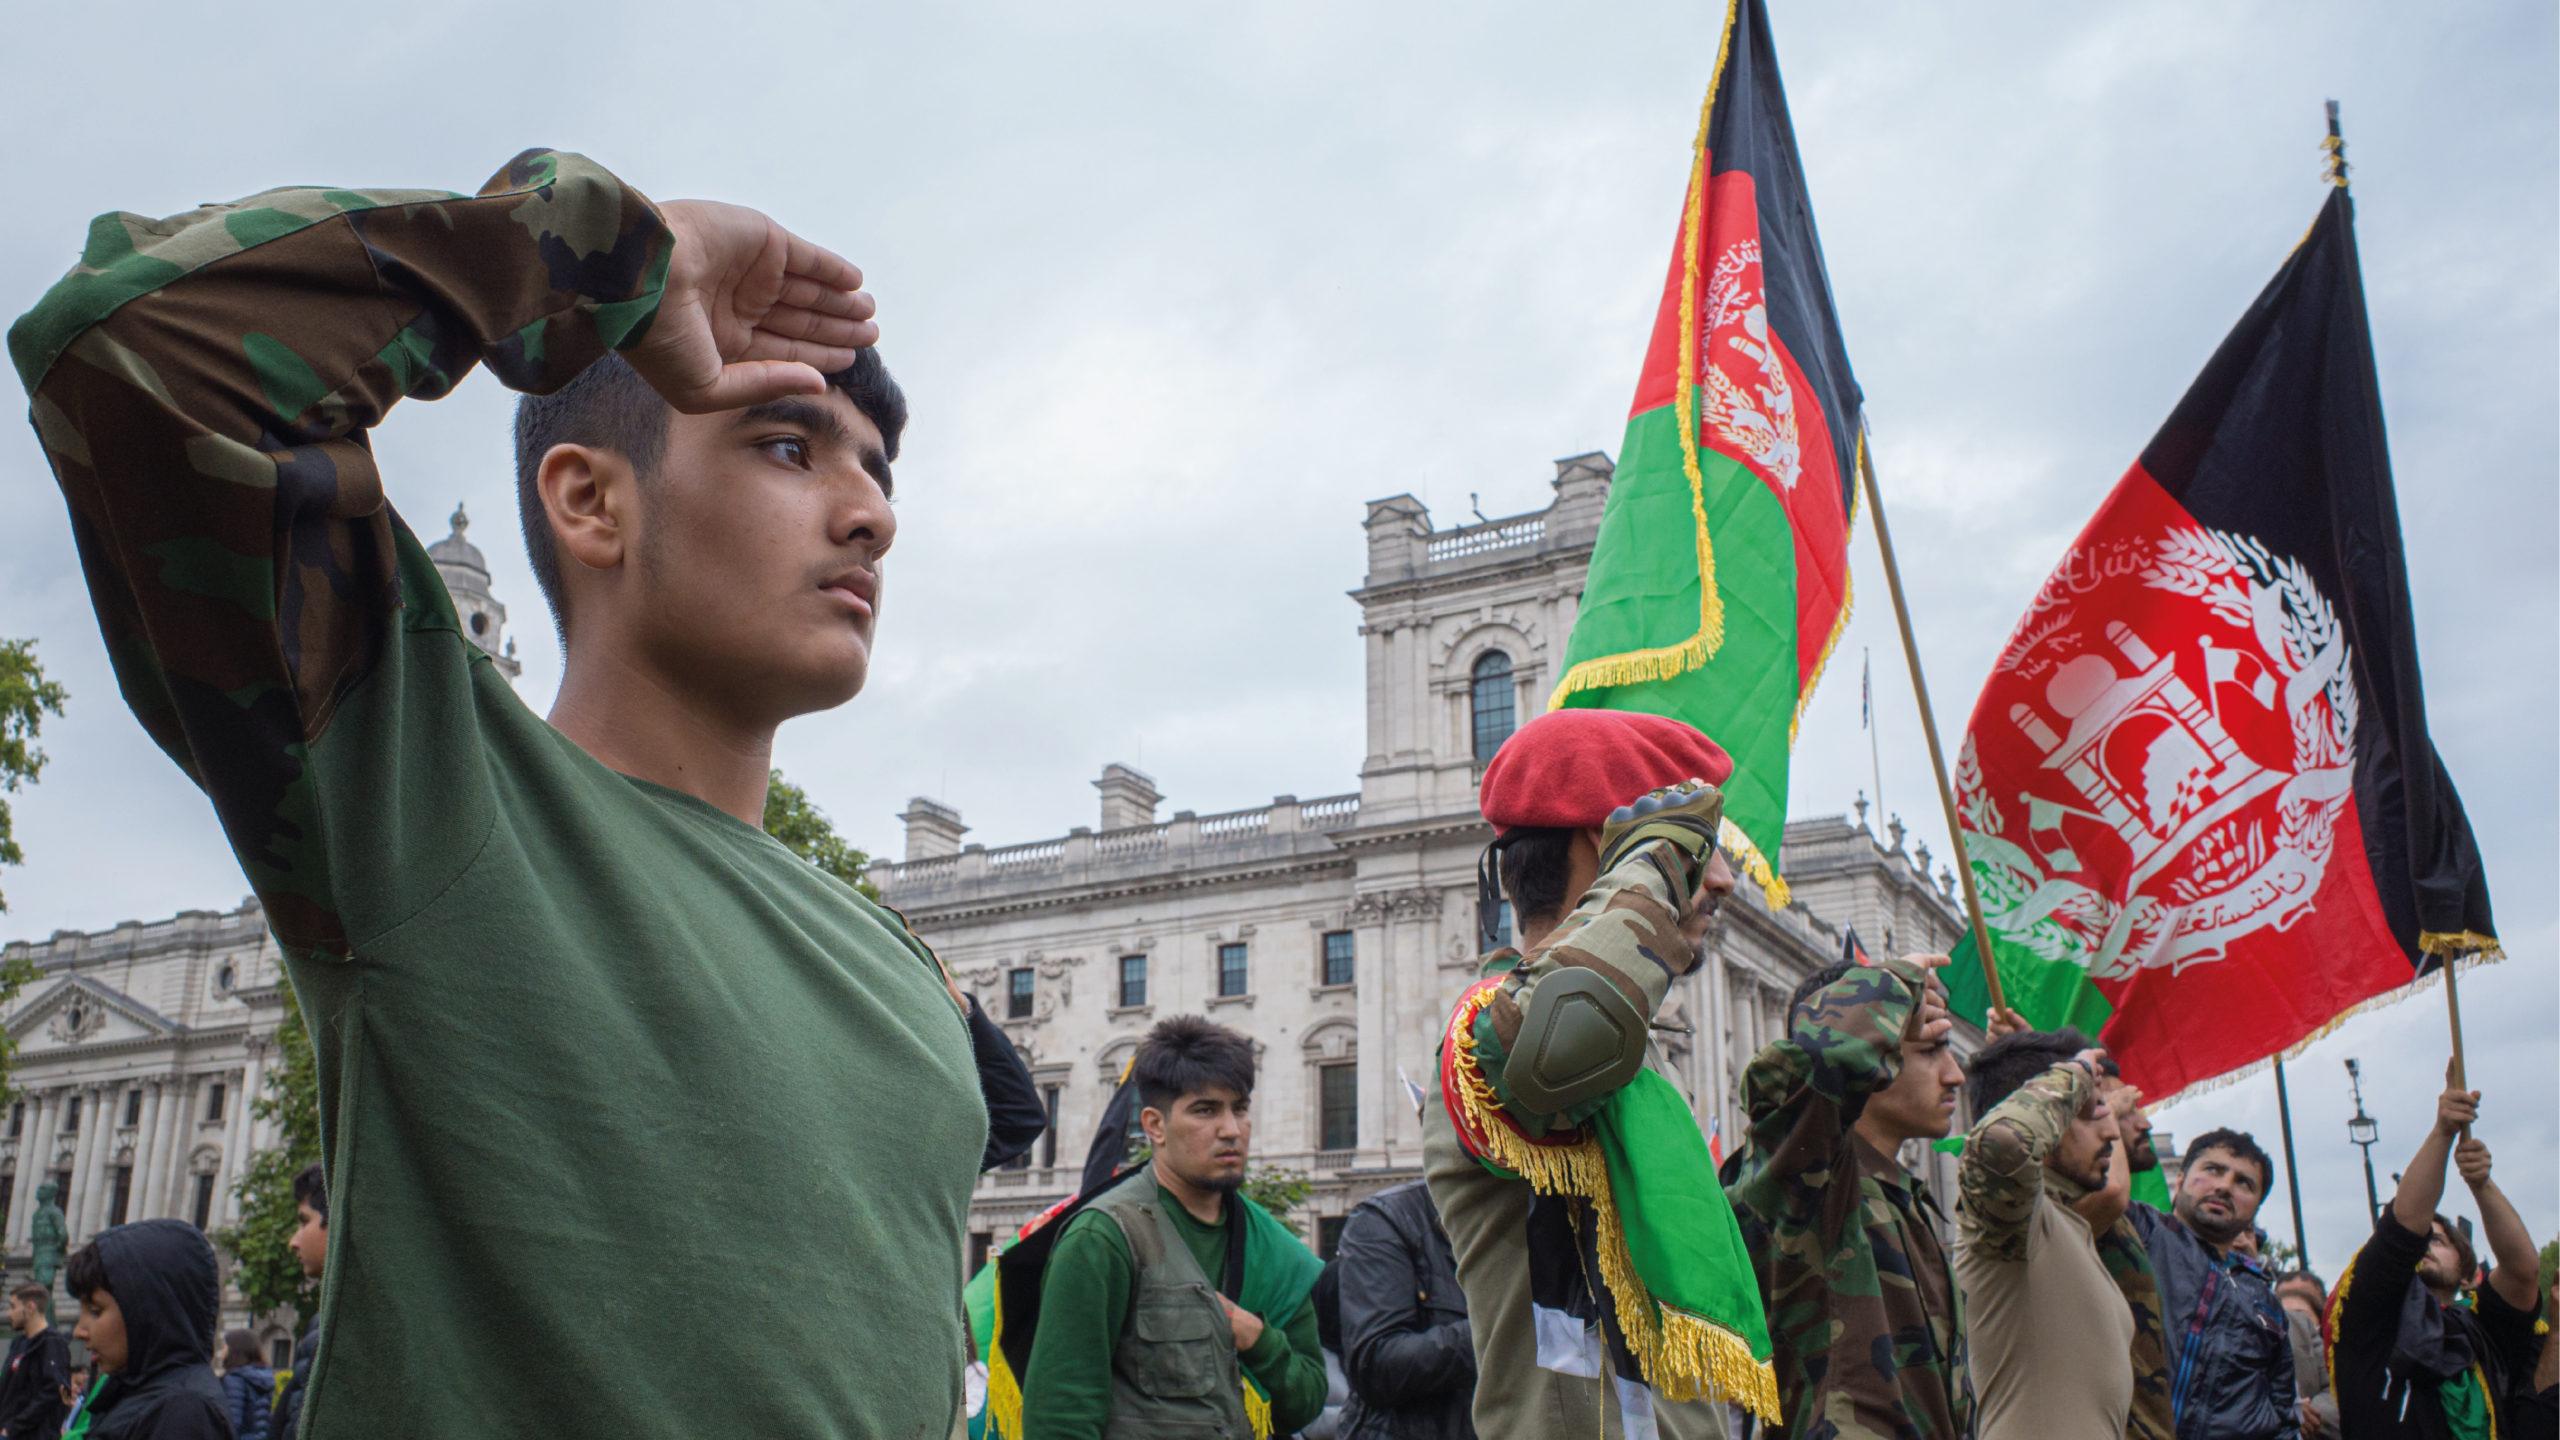 Talibanes prohíben manifestaciones de apoyo a la bandera tricolor afgana